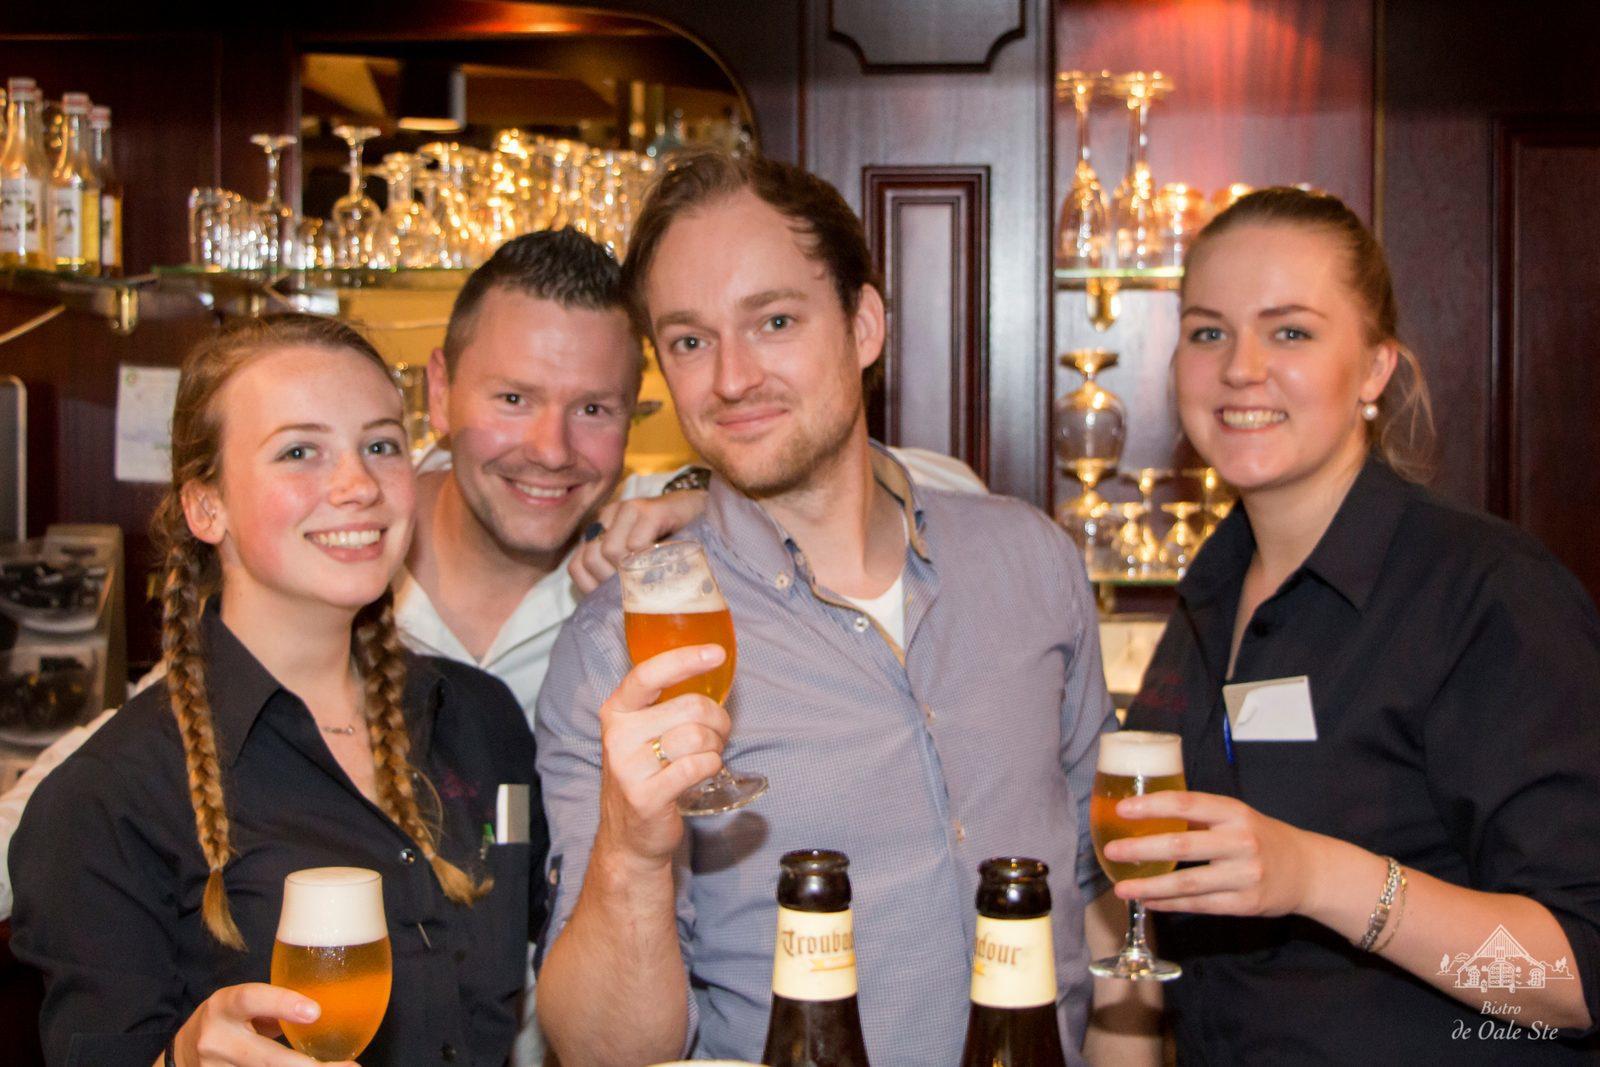 Bierproeverij met Jopen Bier!